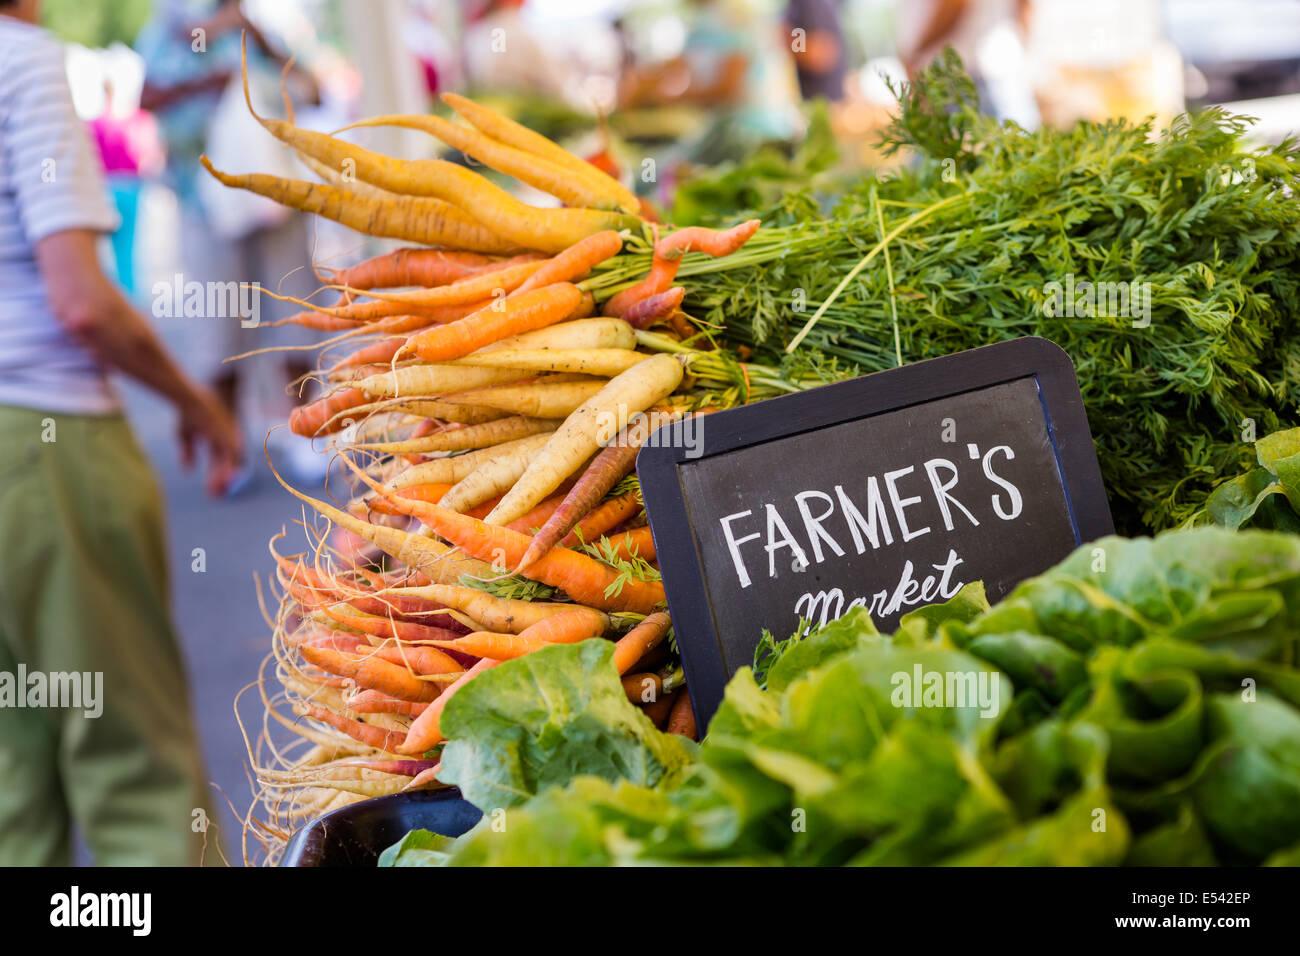 Productos orgánicos frescos a la venta en el mercado local de agricultores. Imagen De Stock